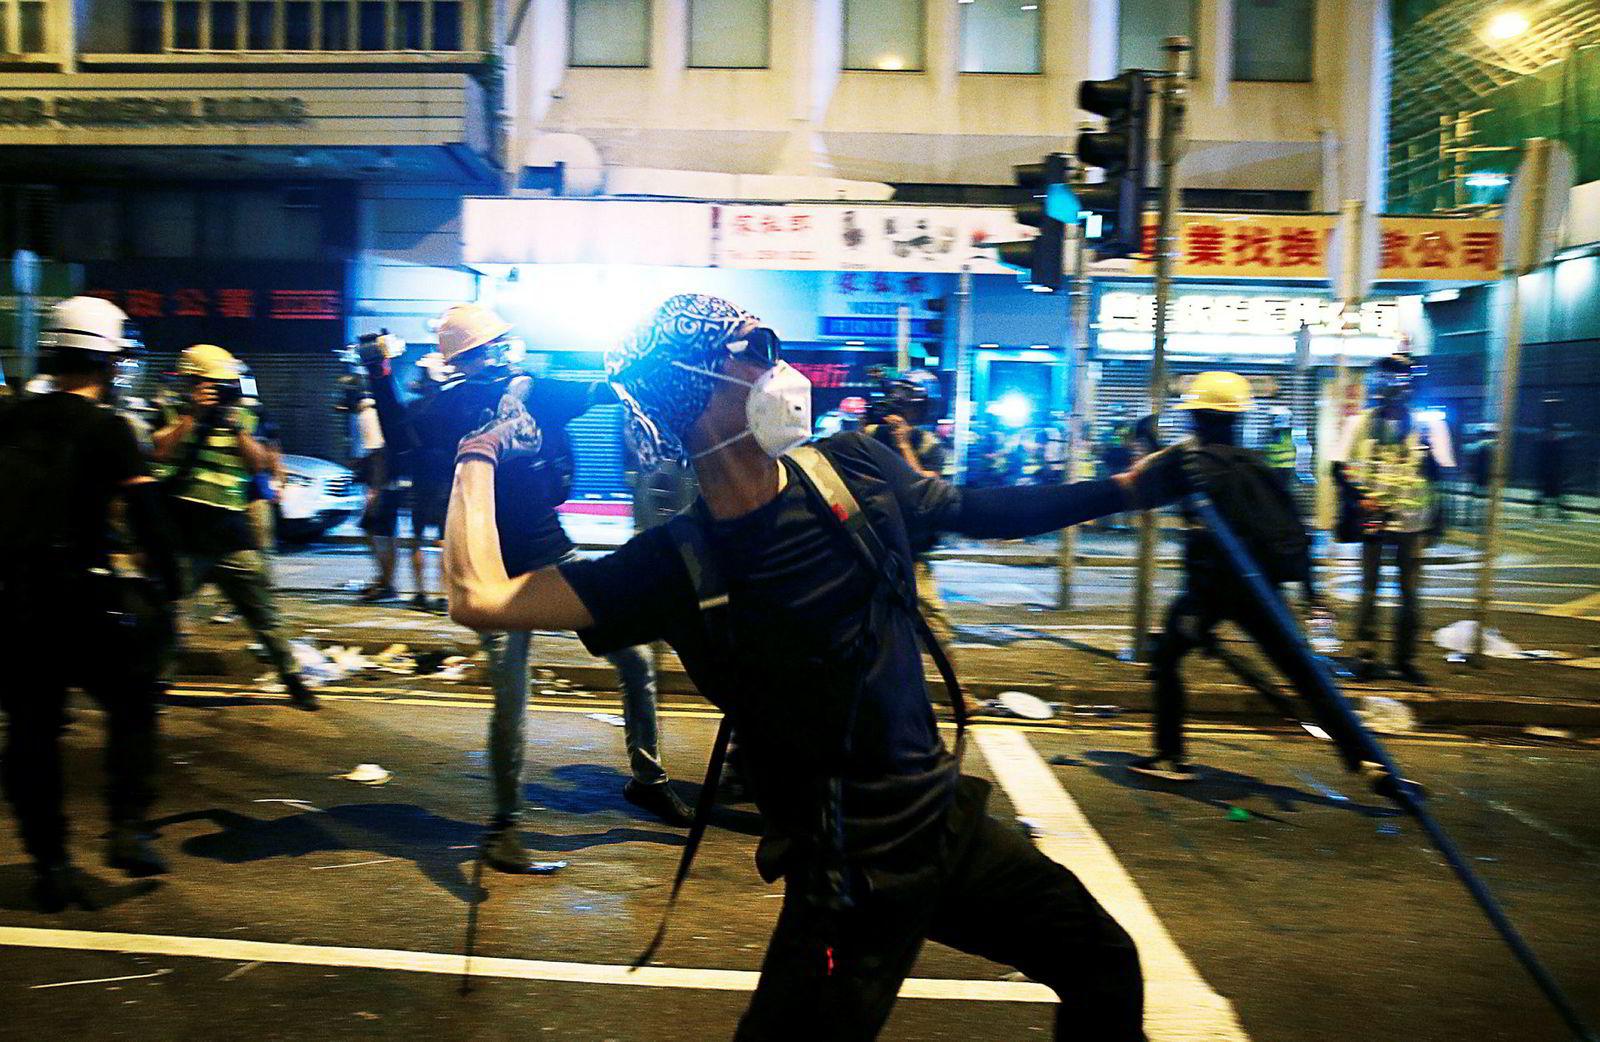 Anti-utleverings demonstranter kaster stein, etter en demonstrasjon for demokratiske reformer i Hong Kong.